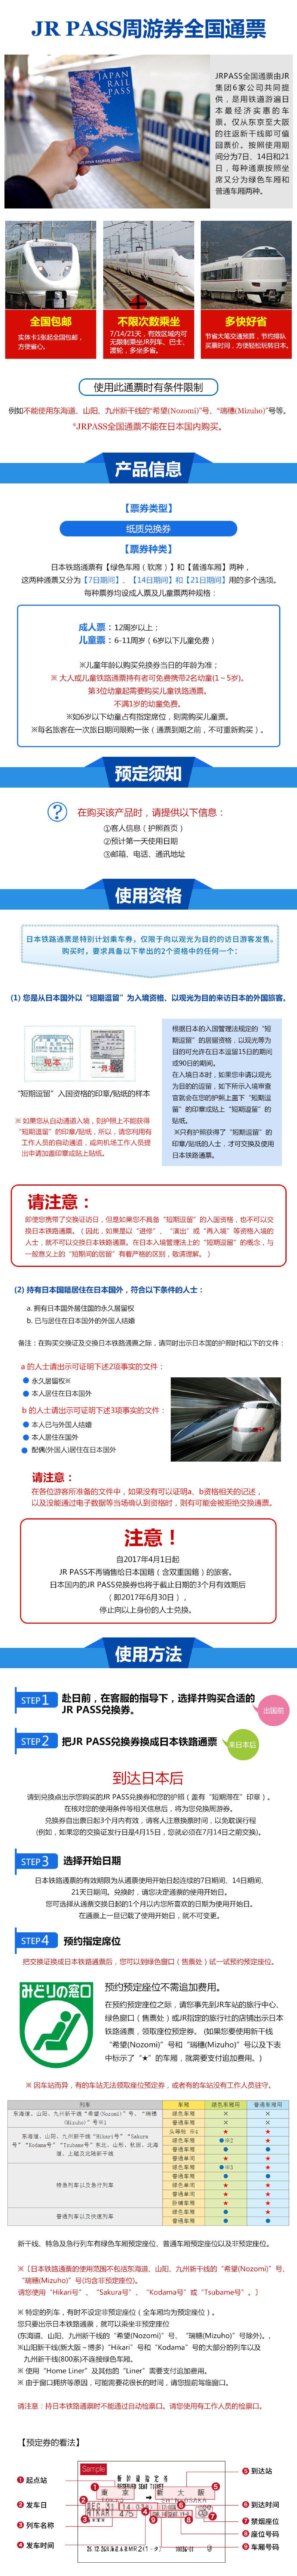 【全國包郵】JR PASS日本全國鐵路周游券7日/14日/21日兌換券 新干線高鐵票線路推薦【攜程玩樂】